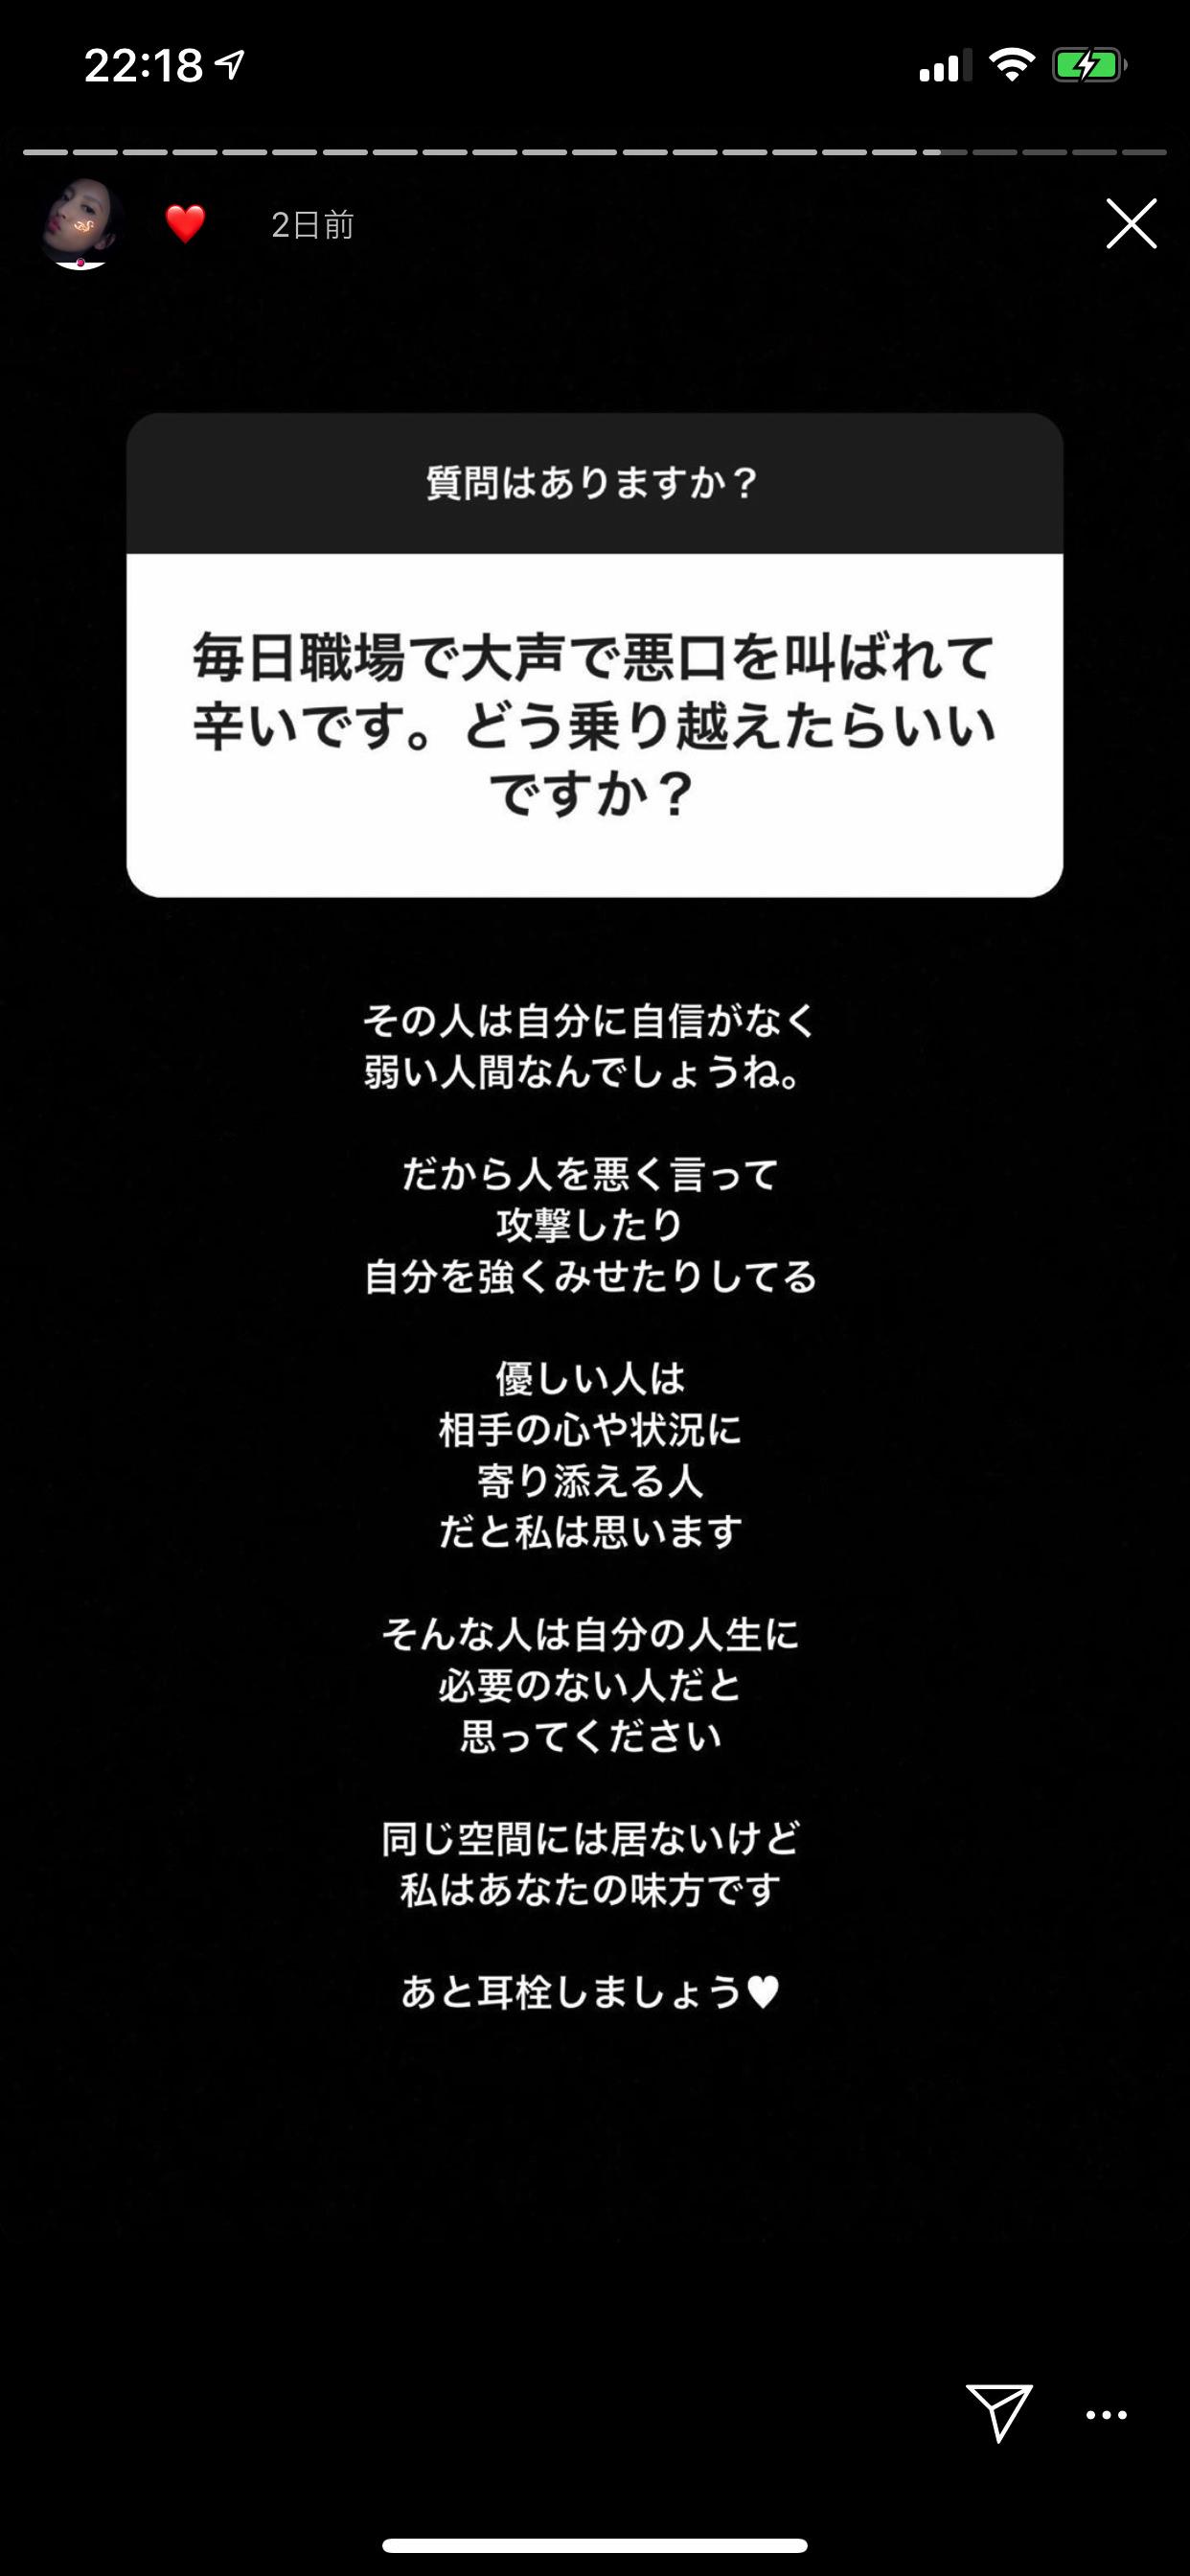 nanao-instagram-5